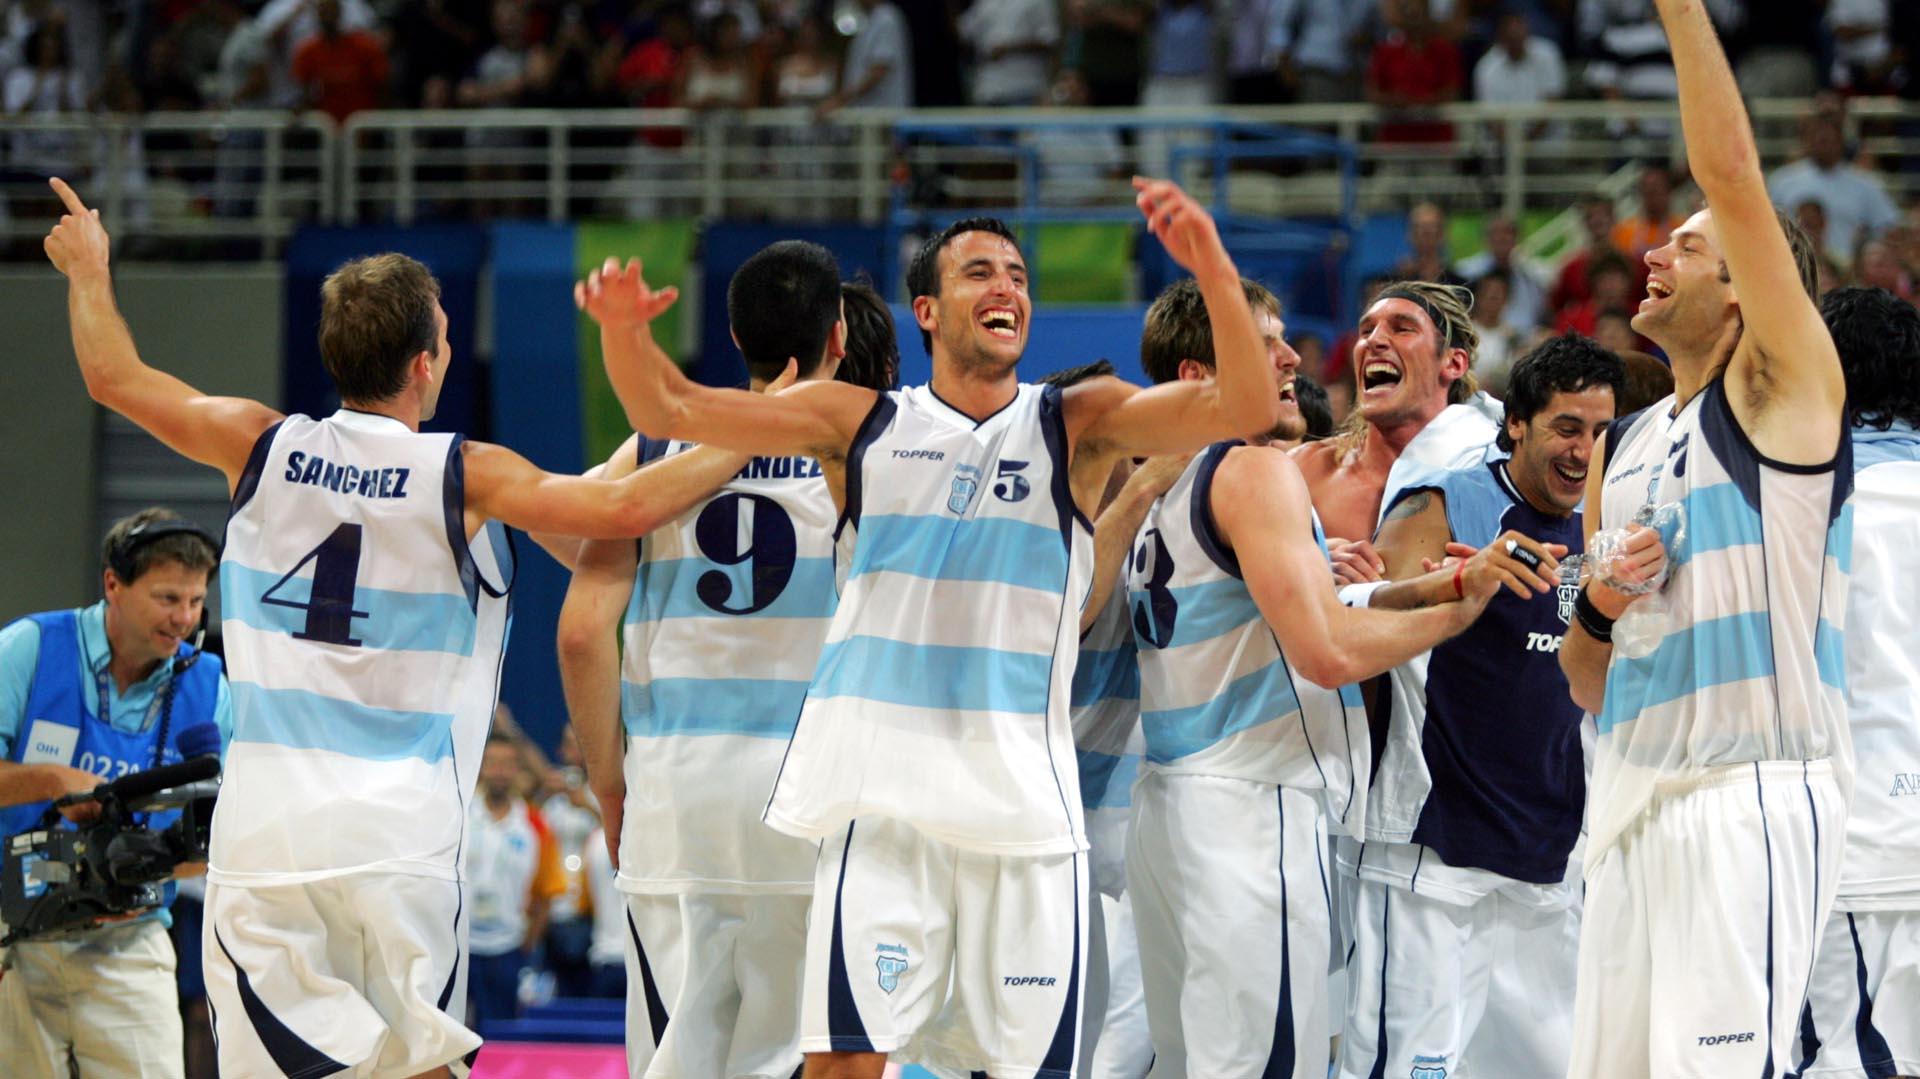 El festejo tras la histórica clasificación ante Serbia en los juegos Olímpicos de Atenas 2004